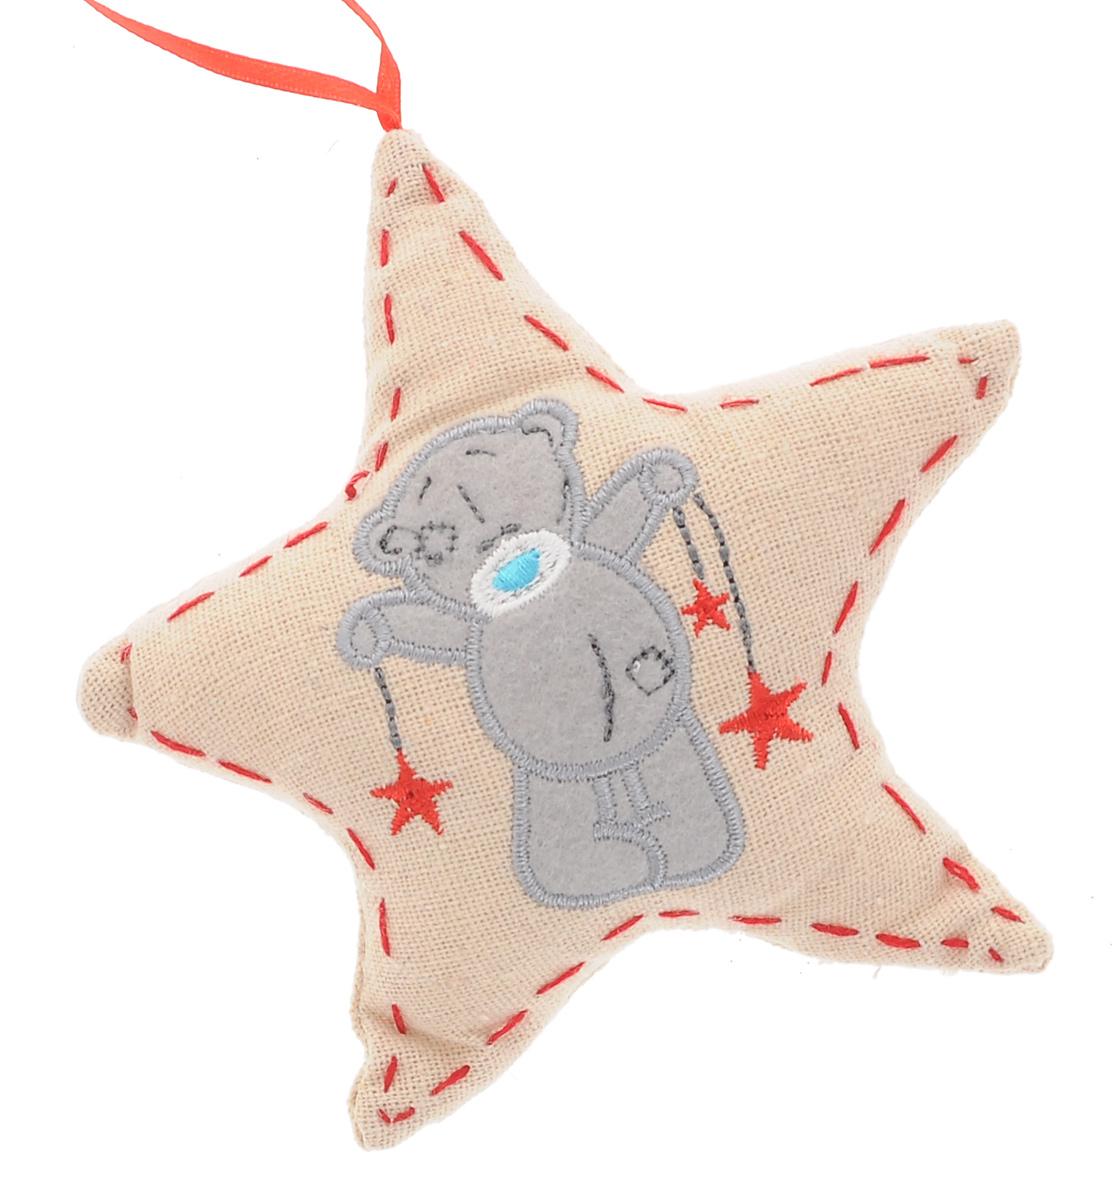 Новогоднее подвесное украшение Me to You Звезда09840-20.000.00Подвесное украшение Me to You Звезда, выполненное из полиэстера, станет отличным новогодним украшением на елку. Изделие декорировано красной строчкой и вышивкой в виде мишки Me to You со звездочками. Подвешивается на елку с помощью текстильной петельки. Ваша зеленая красавица с таким украшением будет выглядеть оригинально и современно. Создайте в своем доме по-настоящему сказочную атмосферу. Кроме того, это украшение может стать не только деталью интерьера в квартире, но и актуальным подарком для ваших друзей и родных.